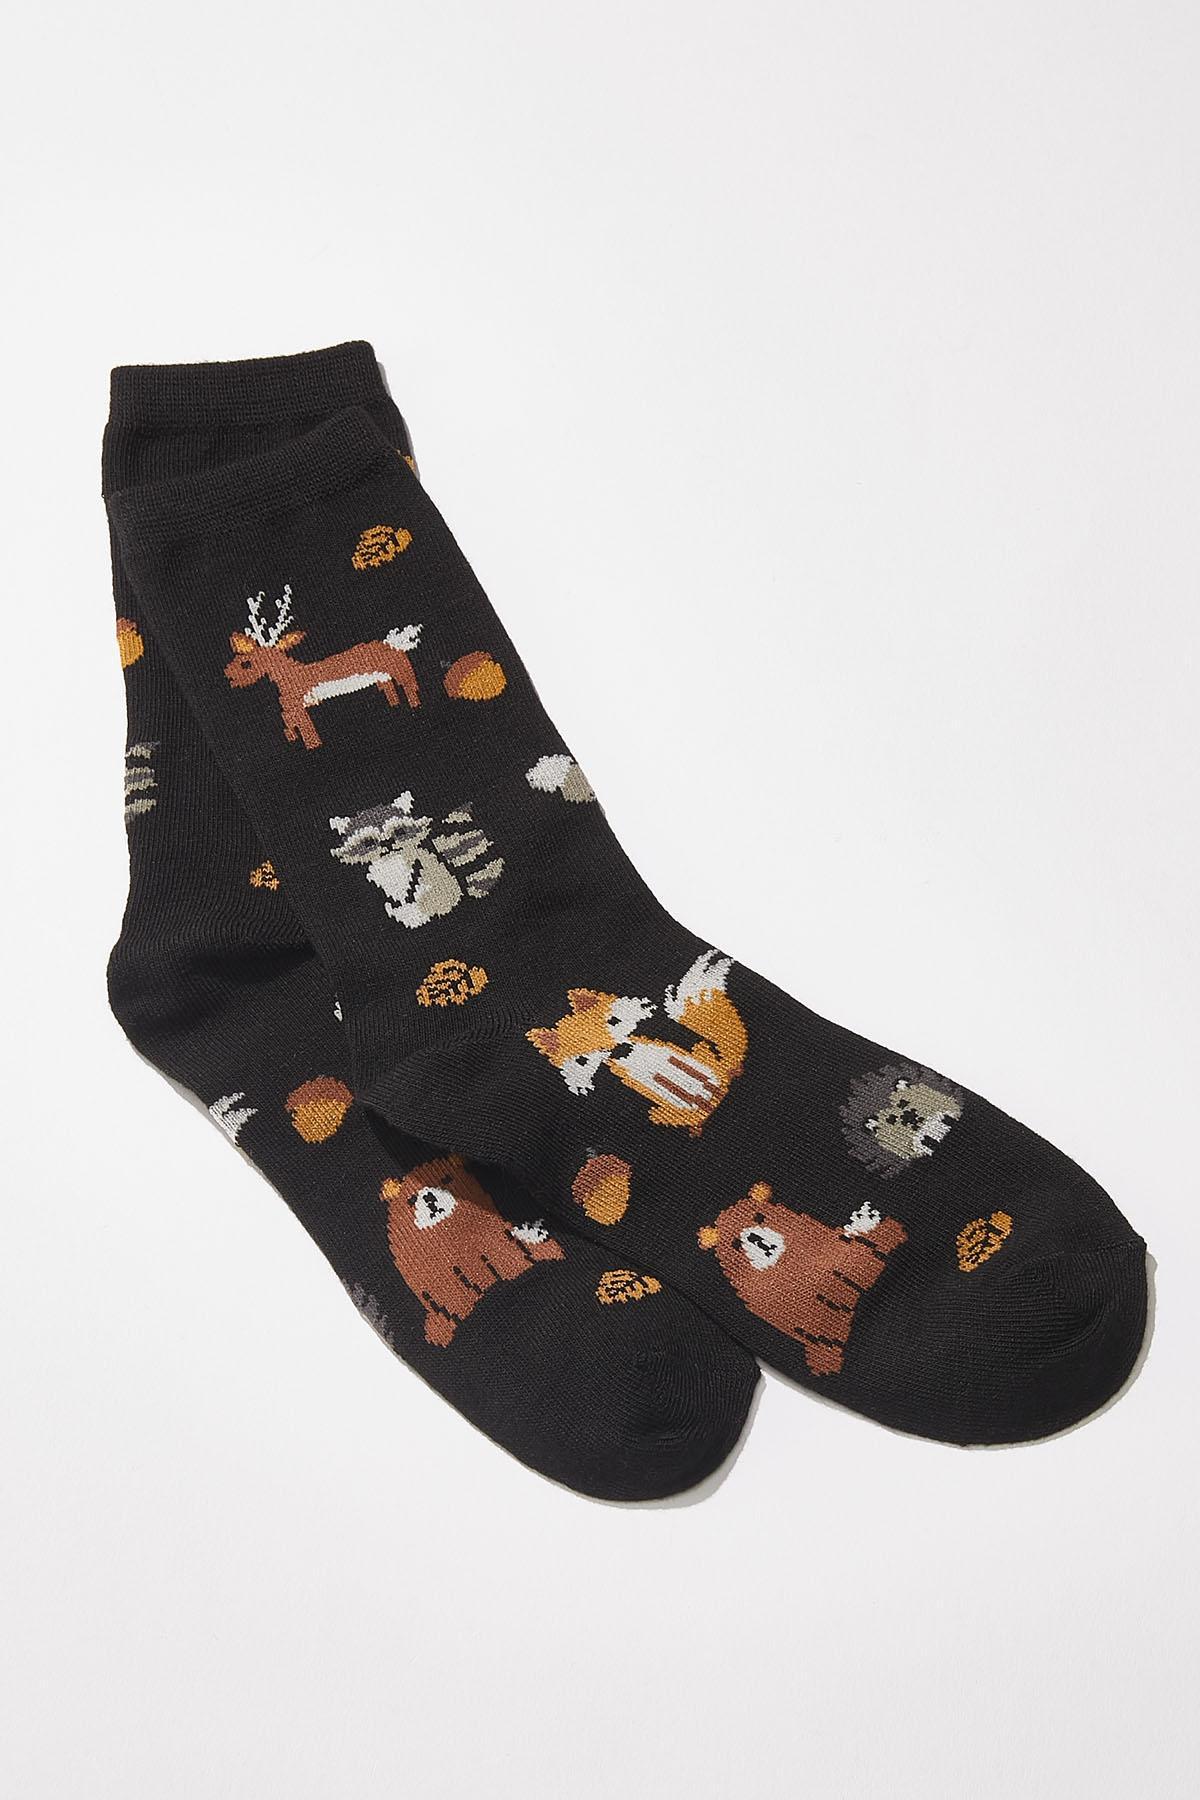 Forest Critter Socks